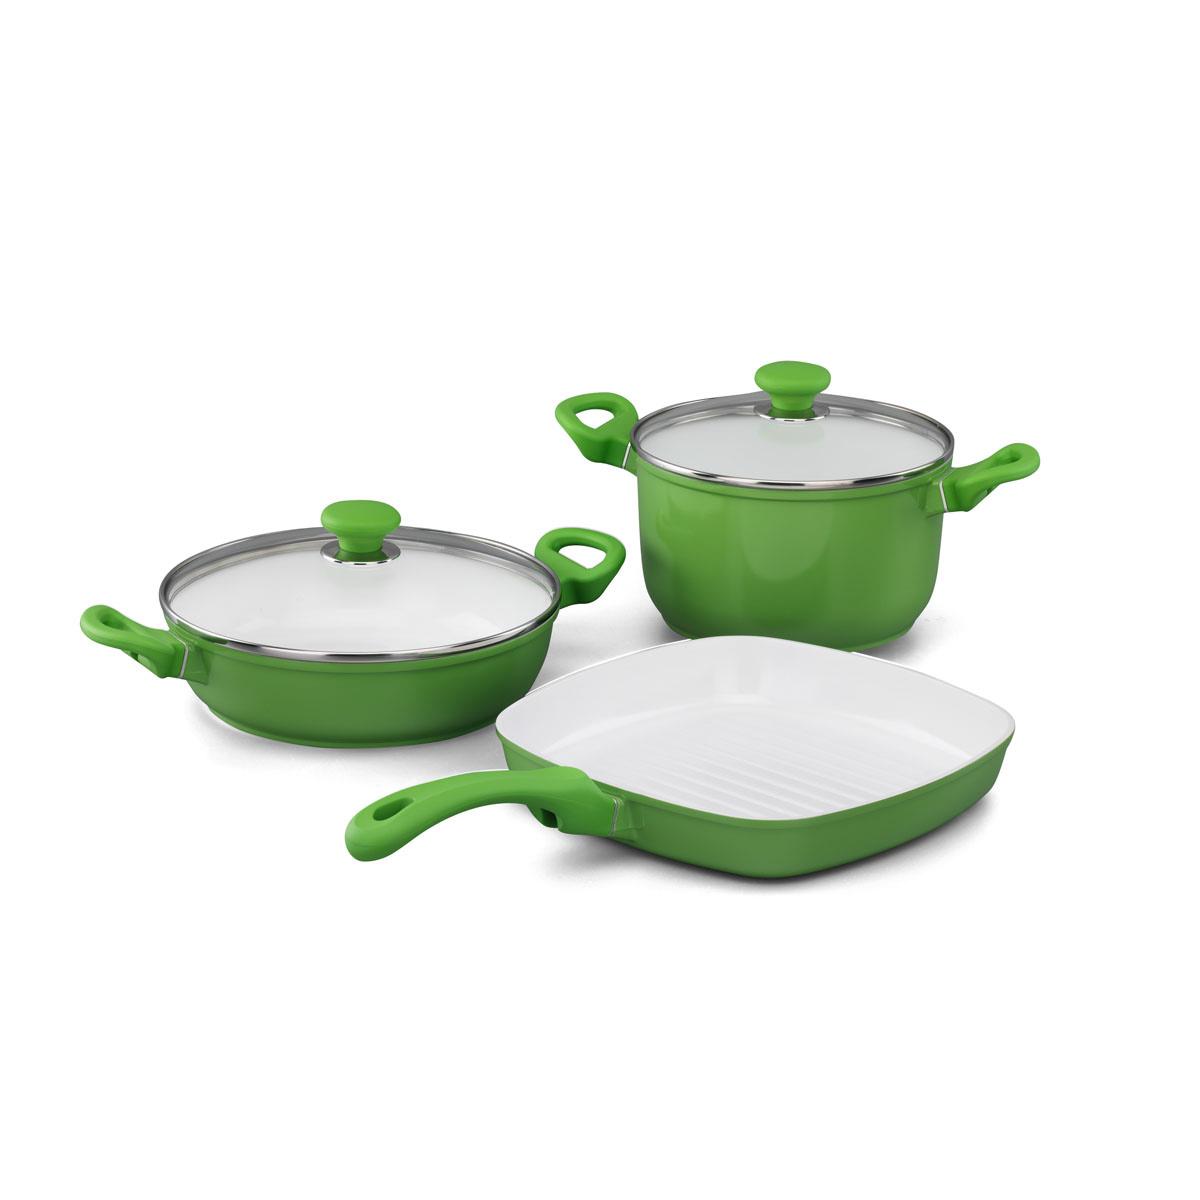 Набор посуды Korkmaz Seravita с керамическим покрытием, цвет: зеленый, 3 предметаA1516-1Набор посуды Korkmaz Seravita состоит из кастрюли с крышкой, сотейника с крышкой и сковороды-гриля. Внешнее покрытие зеленого цвета, внутреннее покрытие - белого цвета. Керамическое внутреннее и наружное покрытие нагревается до +450°С, чрезвычайно устойчиво к механическому воздействию, не выделяет токсичных паров при готовке, не содержит тяжелых металлов (таких как свинец и кадмий), легко моется. При готовке на керамическом покрытии пища не пристает и не пригорает, а масла требуется вдвое меньше по сравнению с другими покрытиями, что позволяет приготовить здоровую, вкусную и полезную пищу без лишних жиров и оксидантов. Кроме того, покрытие абсолютно экологично, так как не содержит тефлоновые составляющие PTFE и PFOA. Основа из высокопрочного алюминия позволяет изделиям быстро нагреваться до высокой температуры и равномерно распределять тепло по всей поверхности. Высокая теплопроводность позволяет быстро готовить даже на медленном огне, а значит, витамины и полезные...